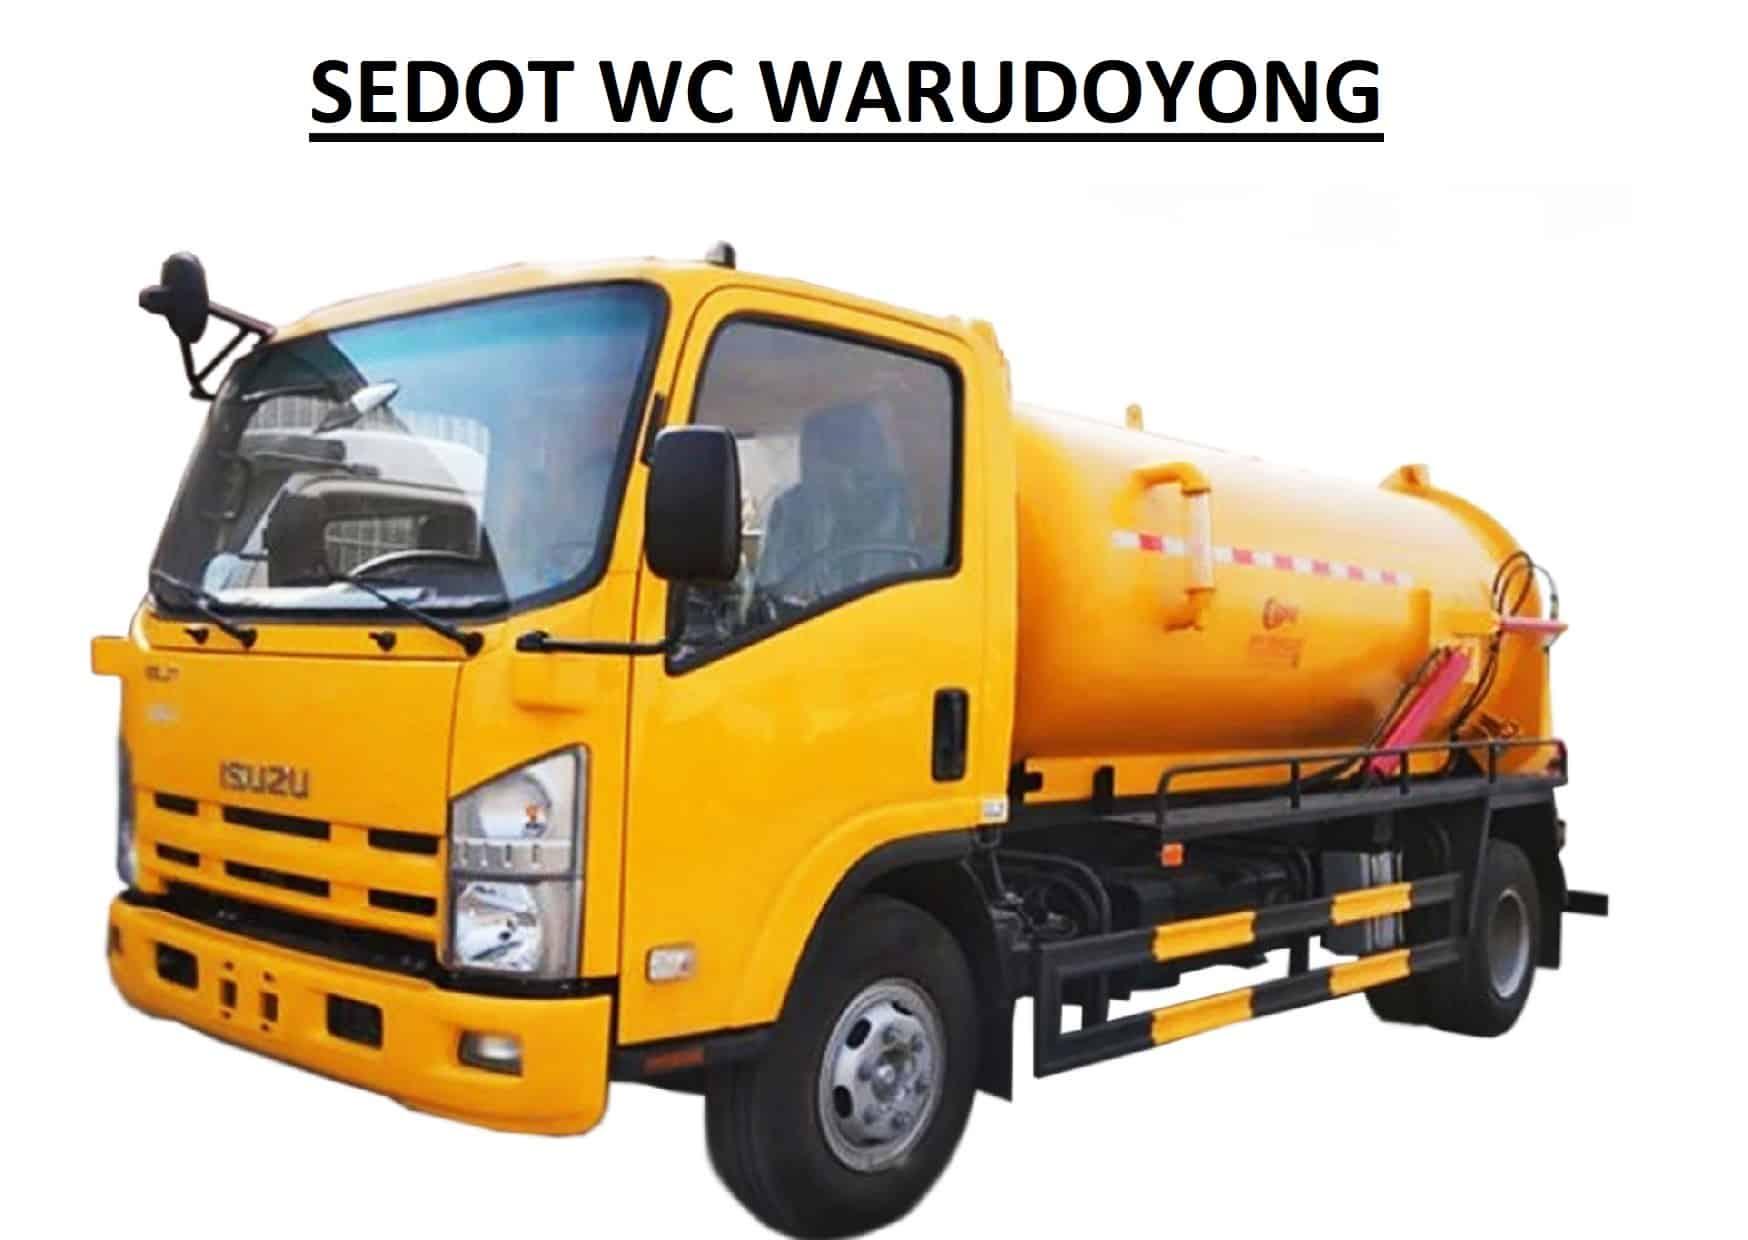 Sedot WC Warudoyong